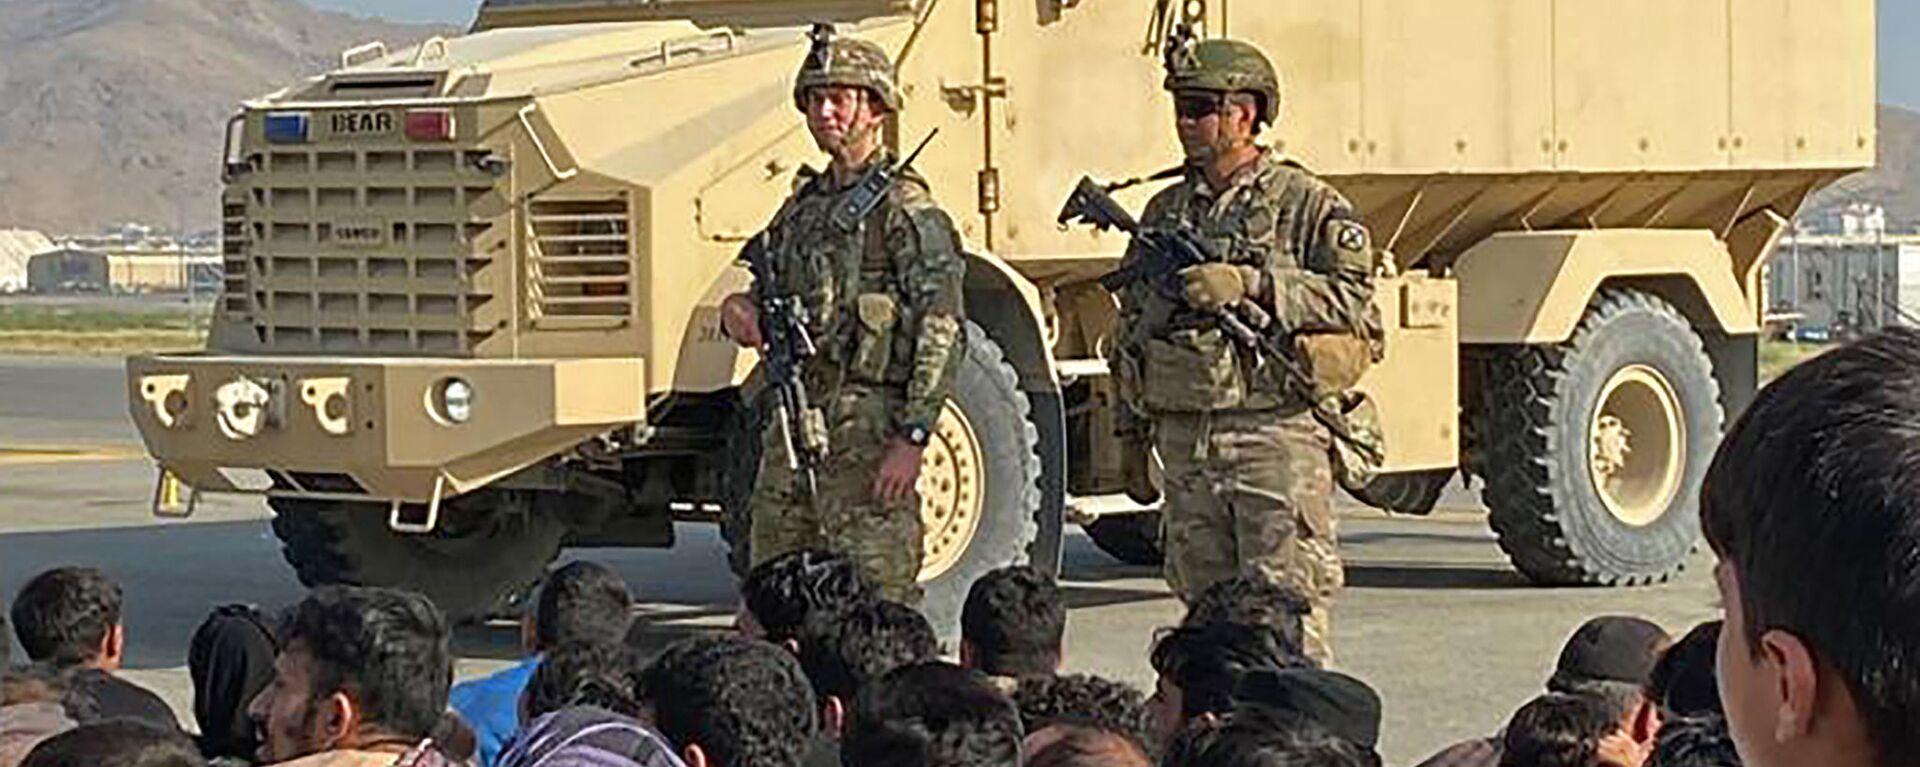 Afgańczycy tłoczą się na lotnisku, kiedy amerykańscy żołnierze stoją na straży w Kabulu 16 sierpnia 2021 roku. - Sputnik Polska, 1920, 17.08.2021